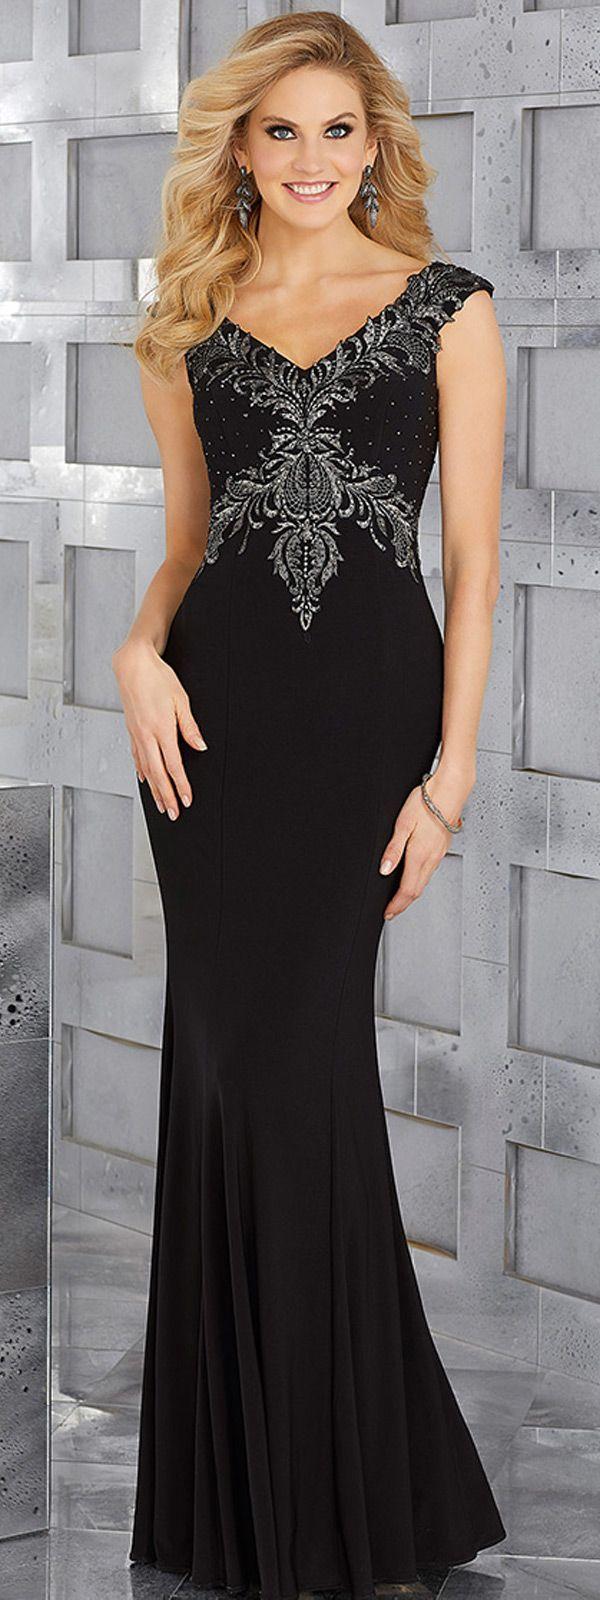 3843 besten Vestidos Bilder auf Pinterest | Abendkleider, Abendkleid ...